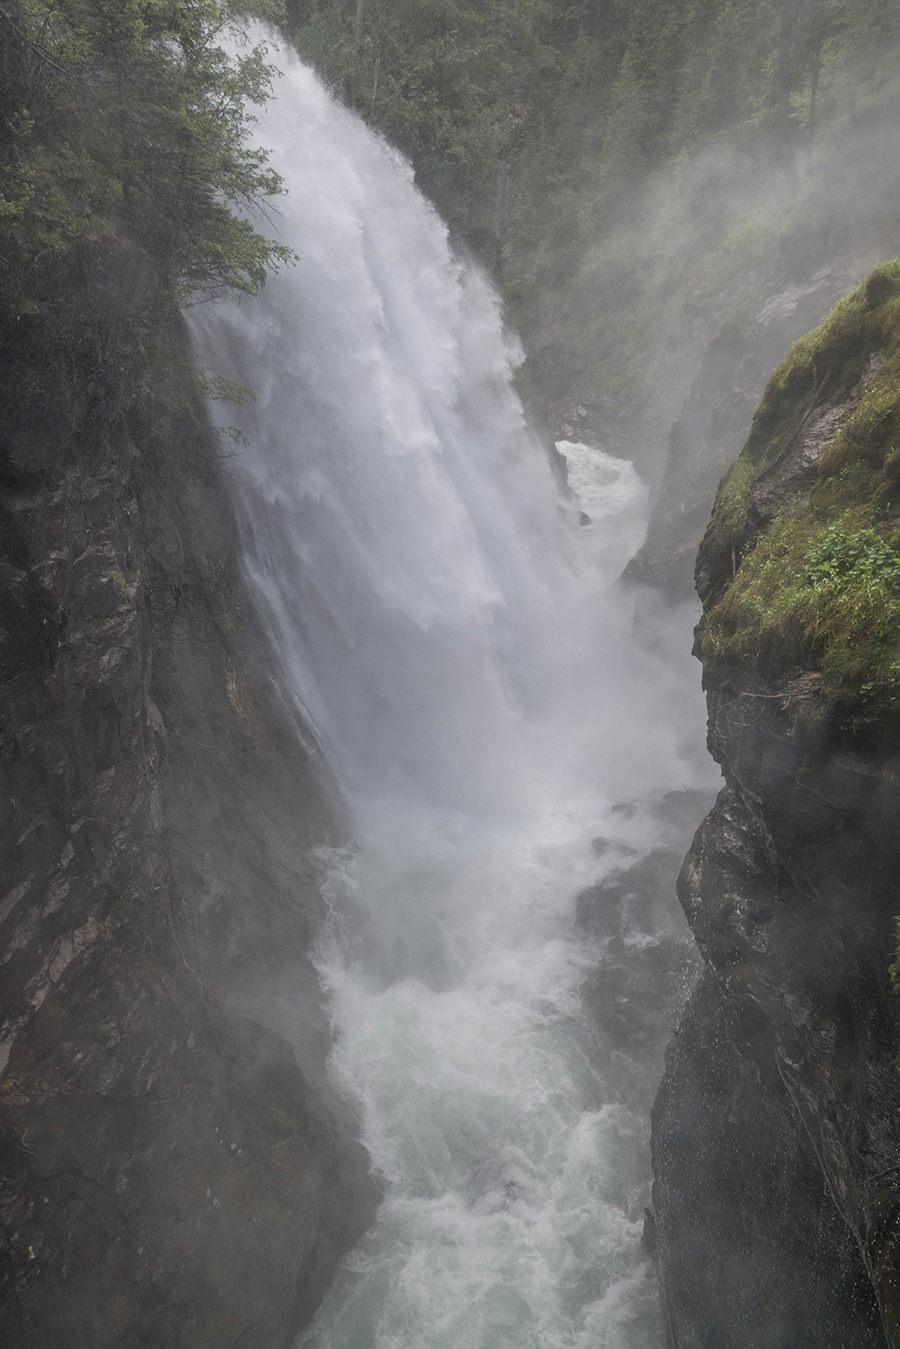 A Tasty Hike Wanderung Reinbach Wasserfaelle bei Sand in Taufers in Suedtirol - Wasserfall Nr 3